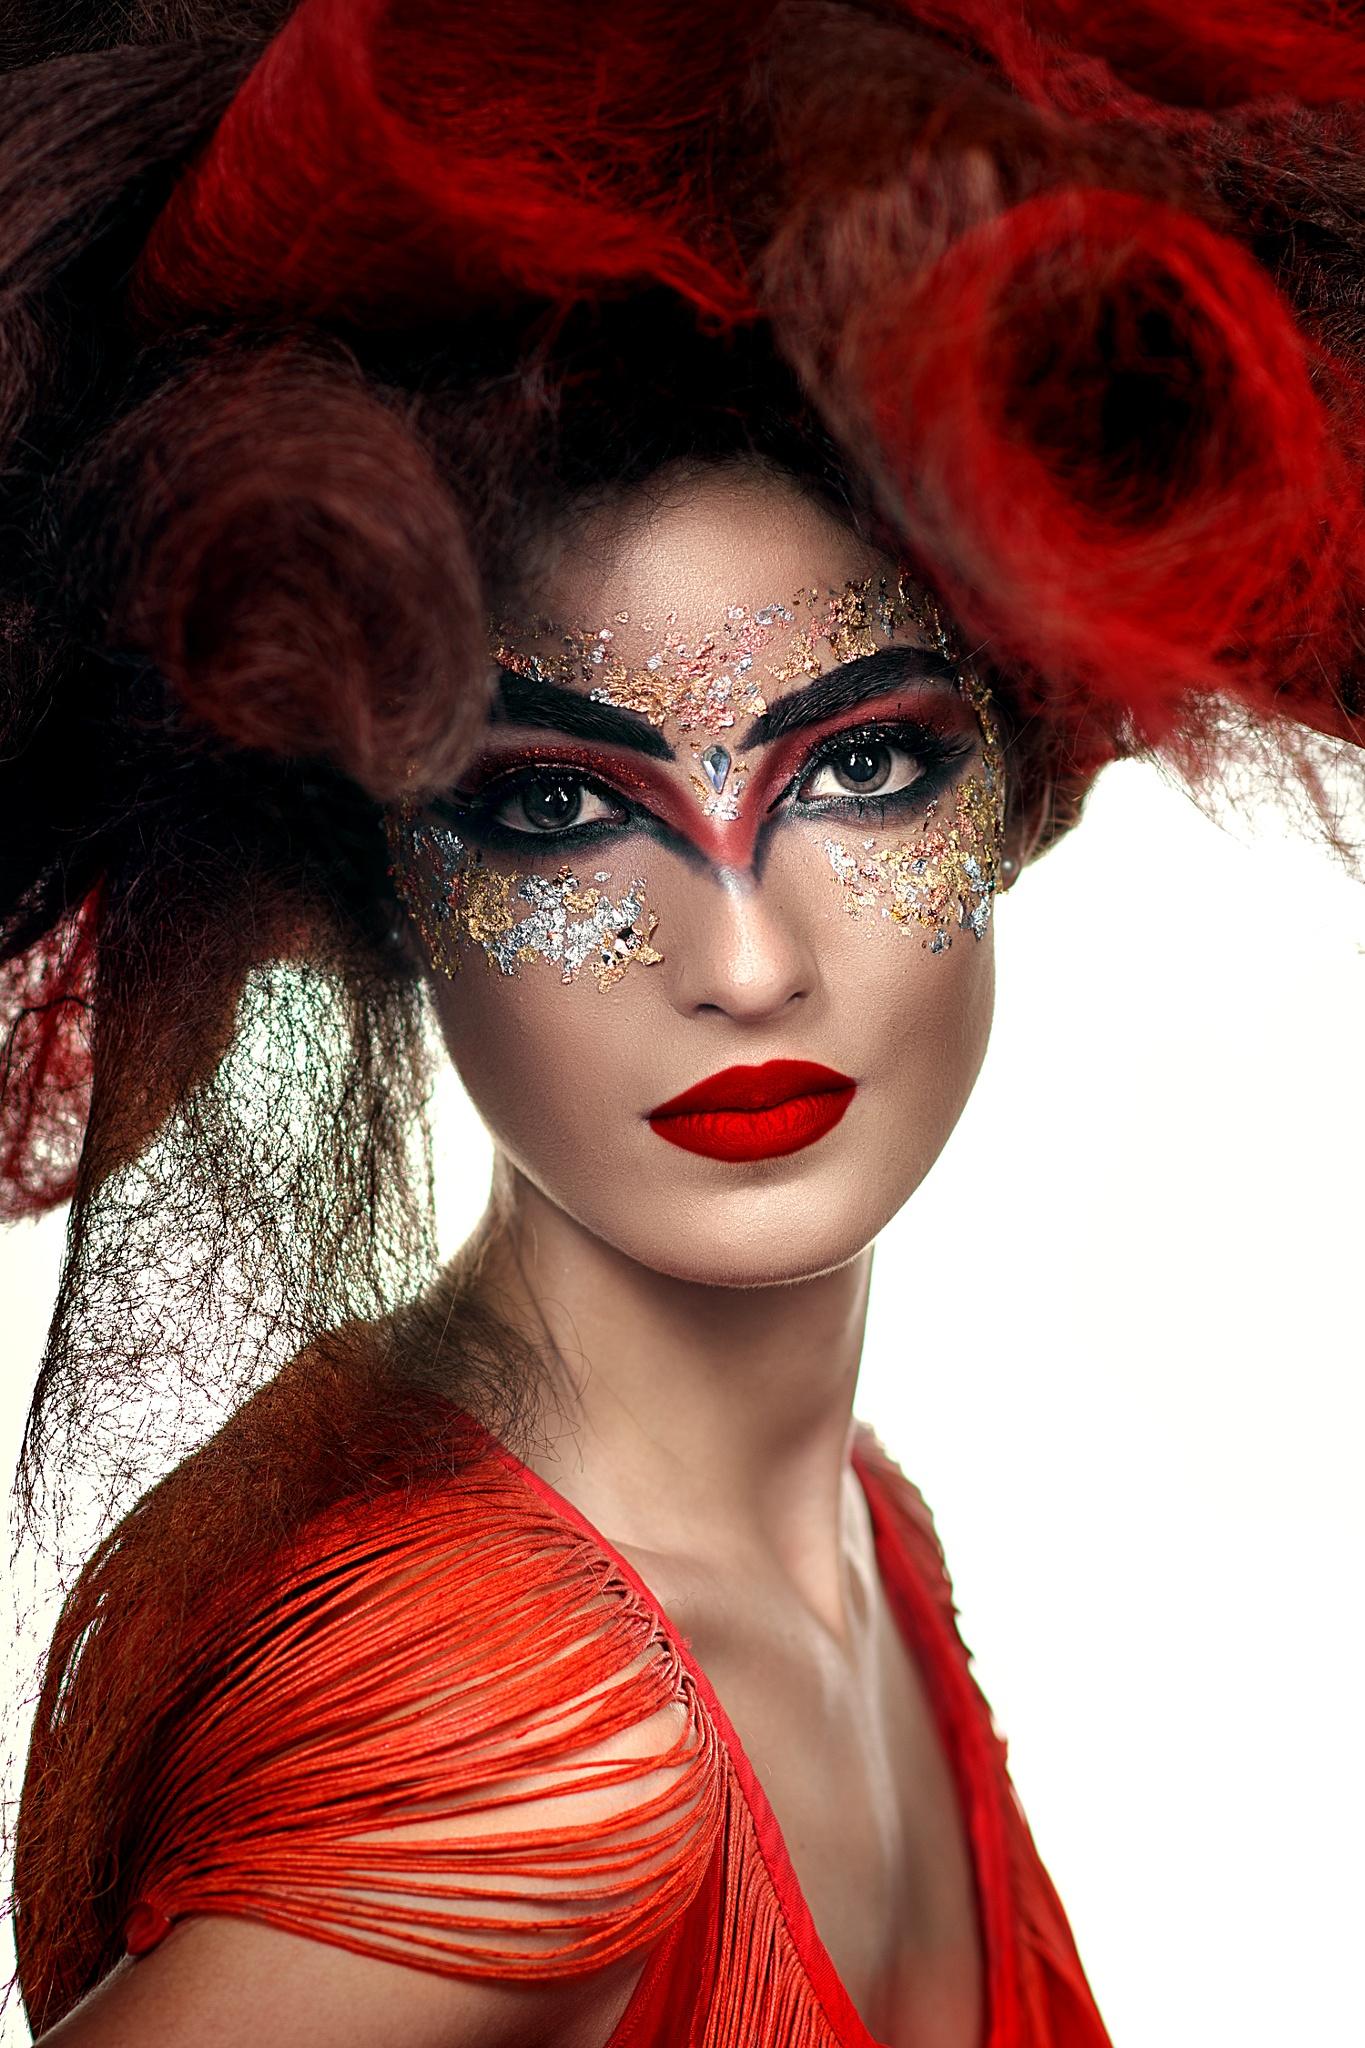 Beauty In Red by eparaskeva